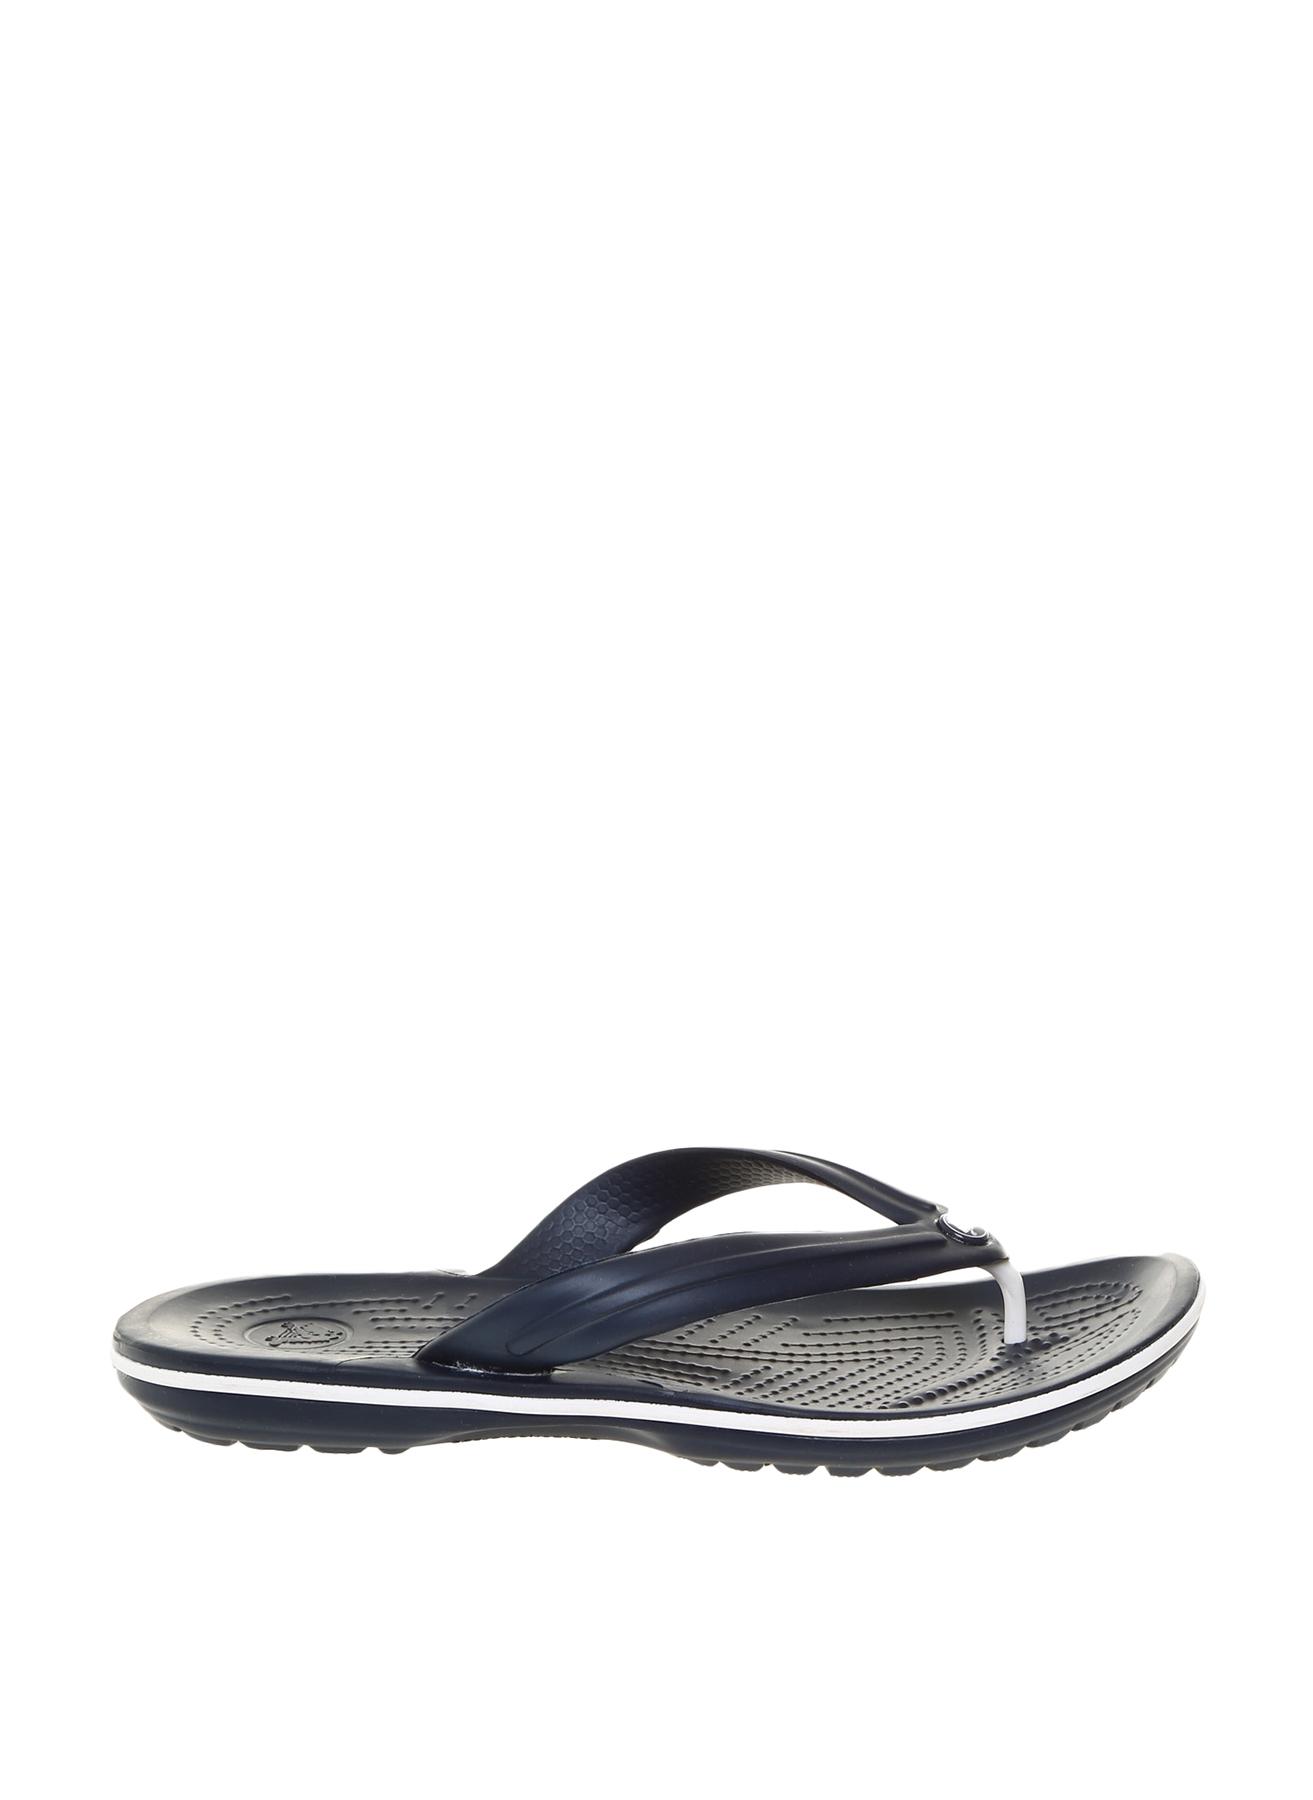 Crocs Kadın Lacivert Plaj Terliği 38 5001916637003 Ürün Resmi